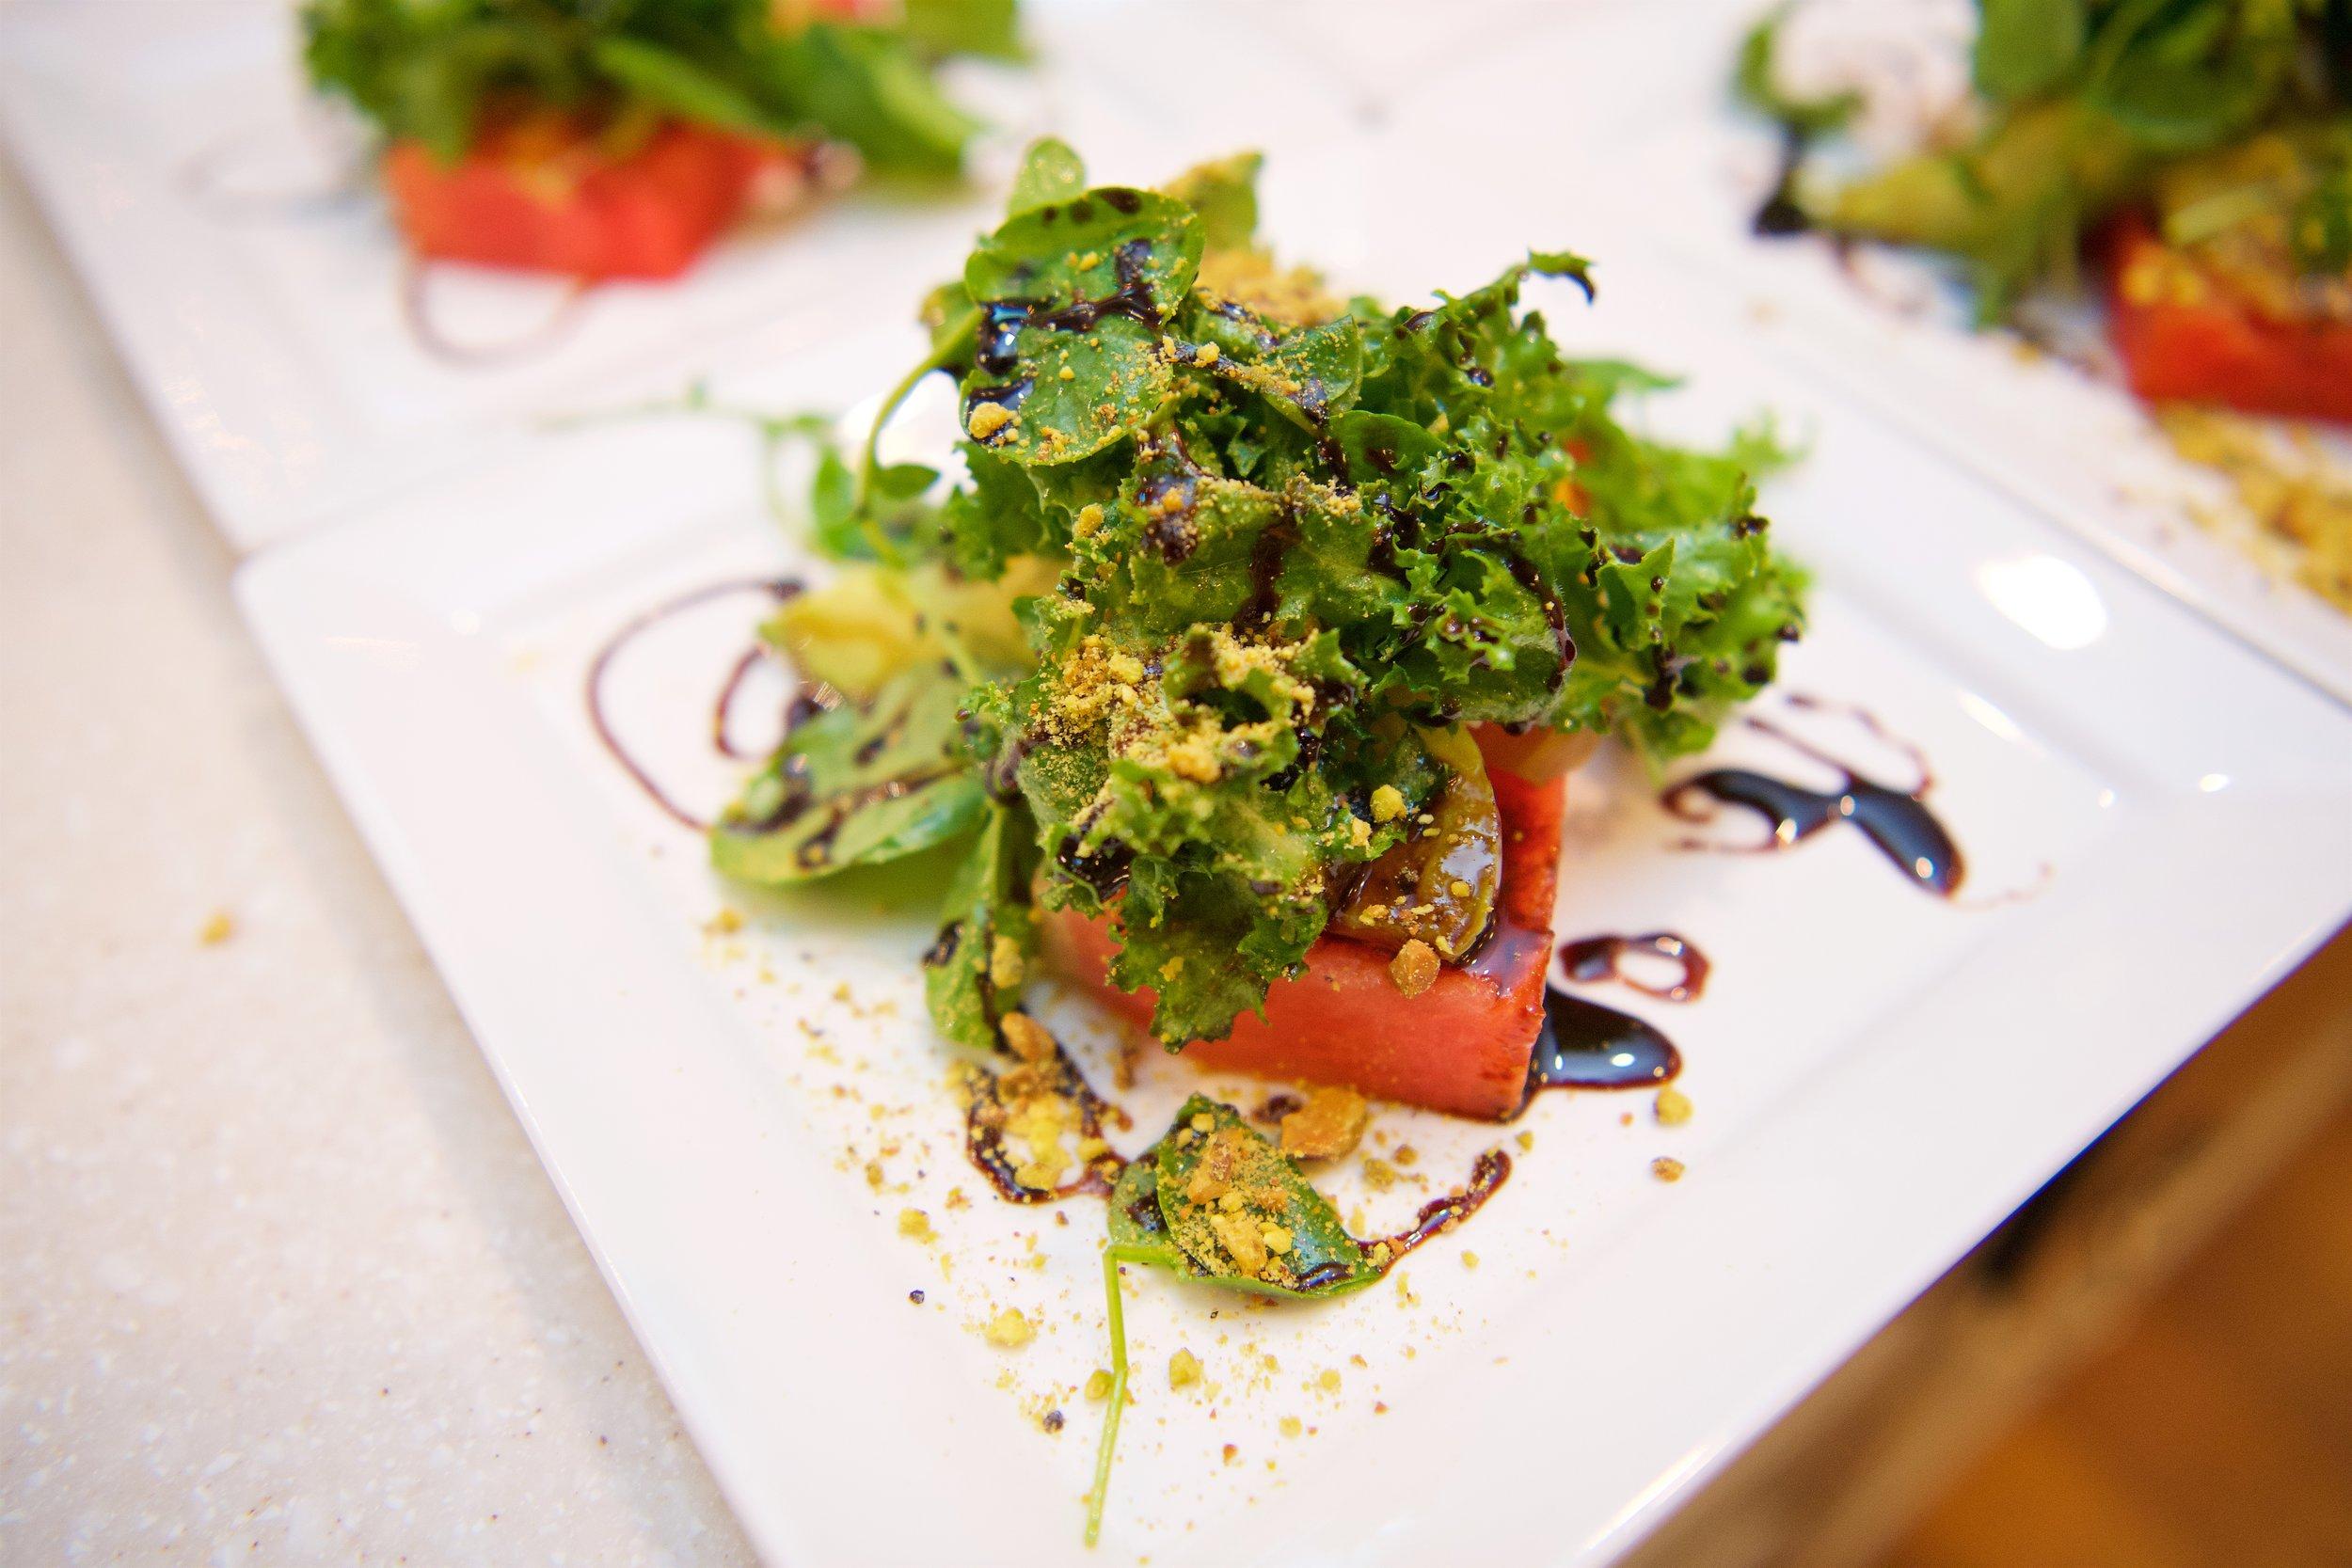 food-samples-056.jpg